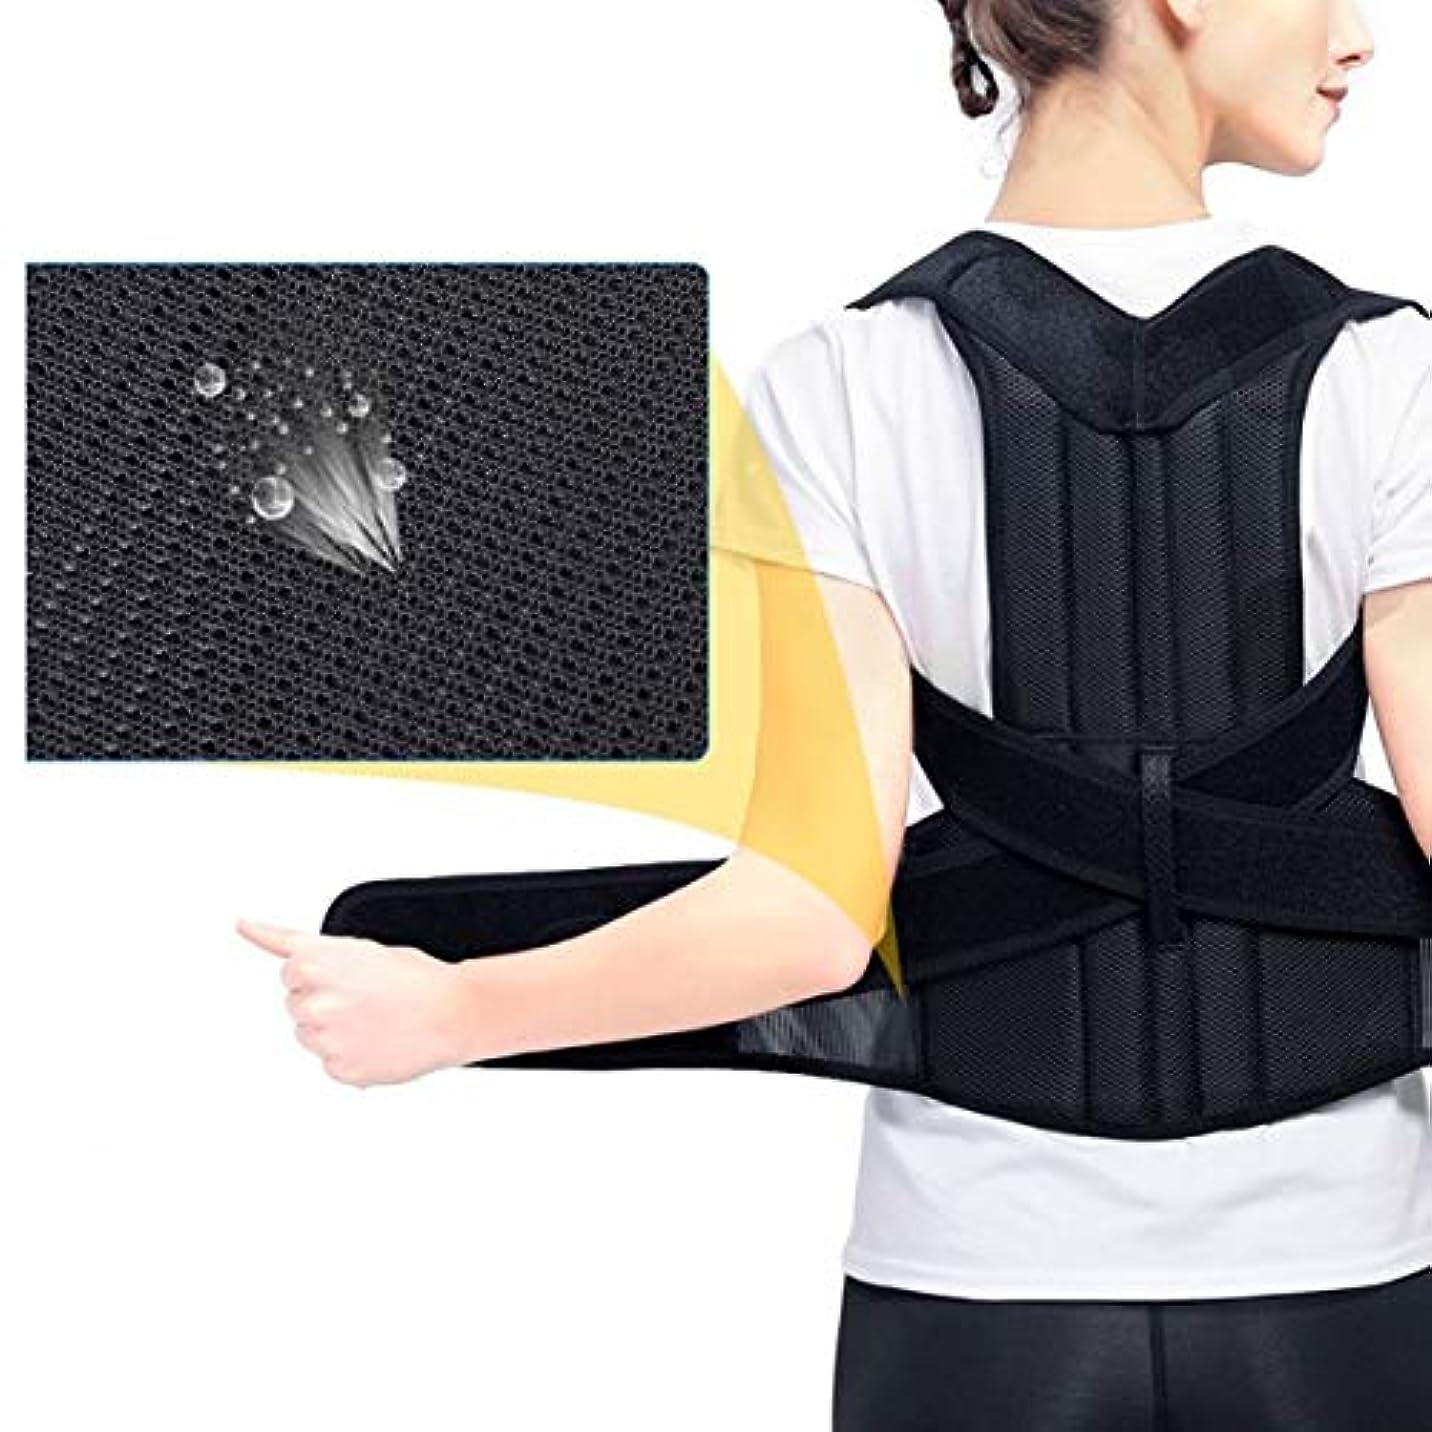 ばかげている振るうどっちでも腰椎矯正バックブレース背骨装具側弯症腰椎サポート脊椎湾曲装具固定用姿勢 - 黒